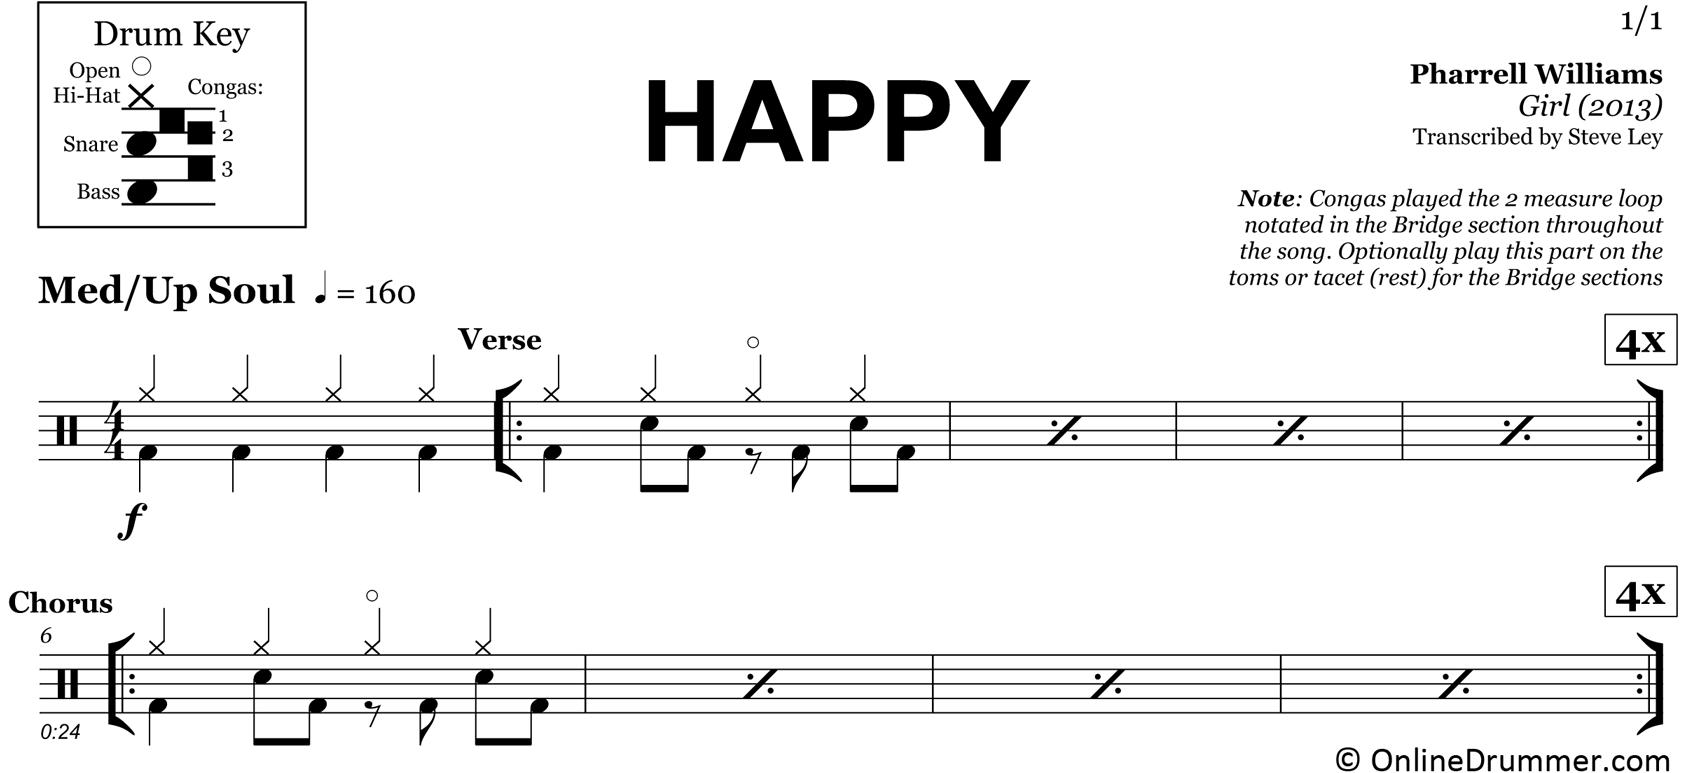 Happy - Pharrell Williams - Drum Sheet Music